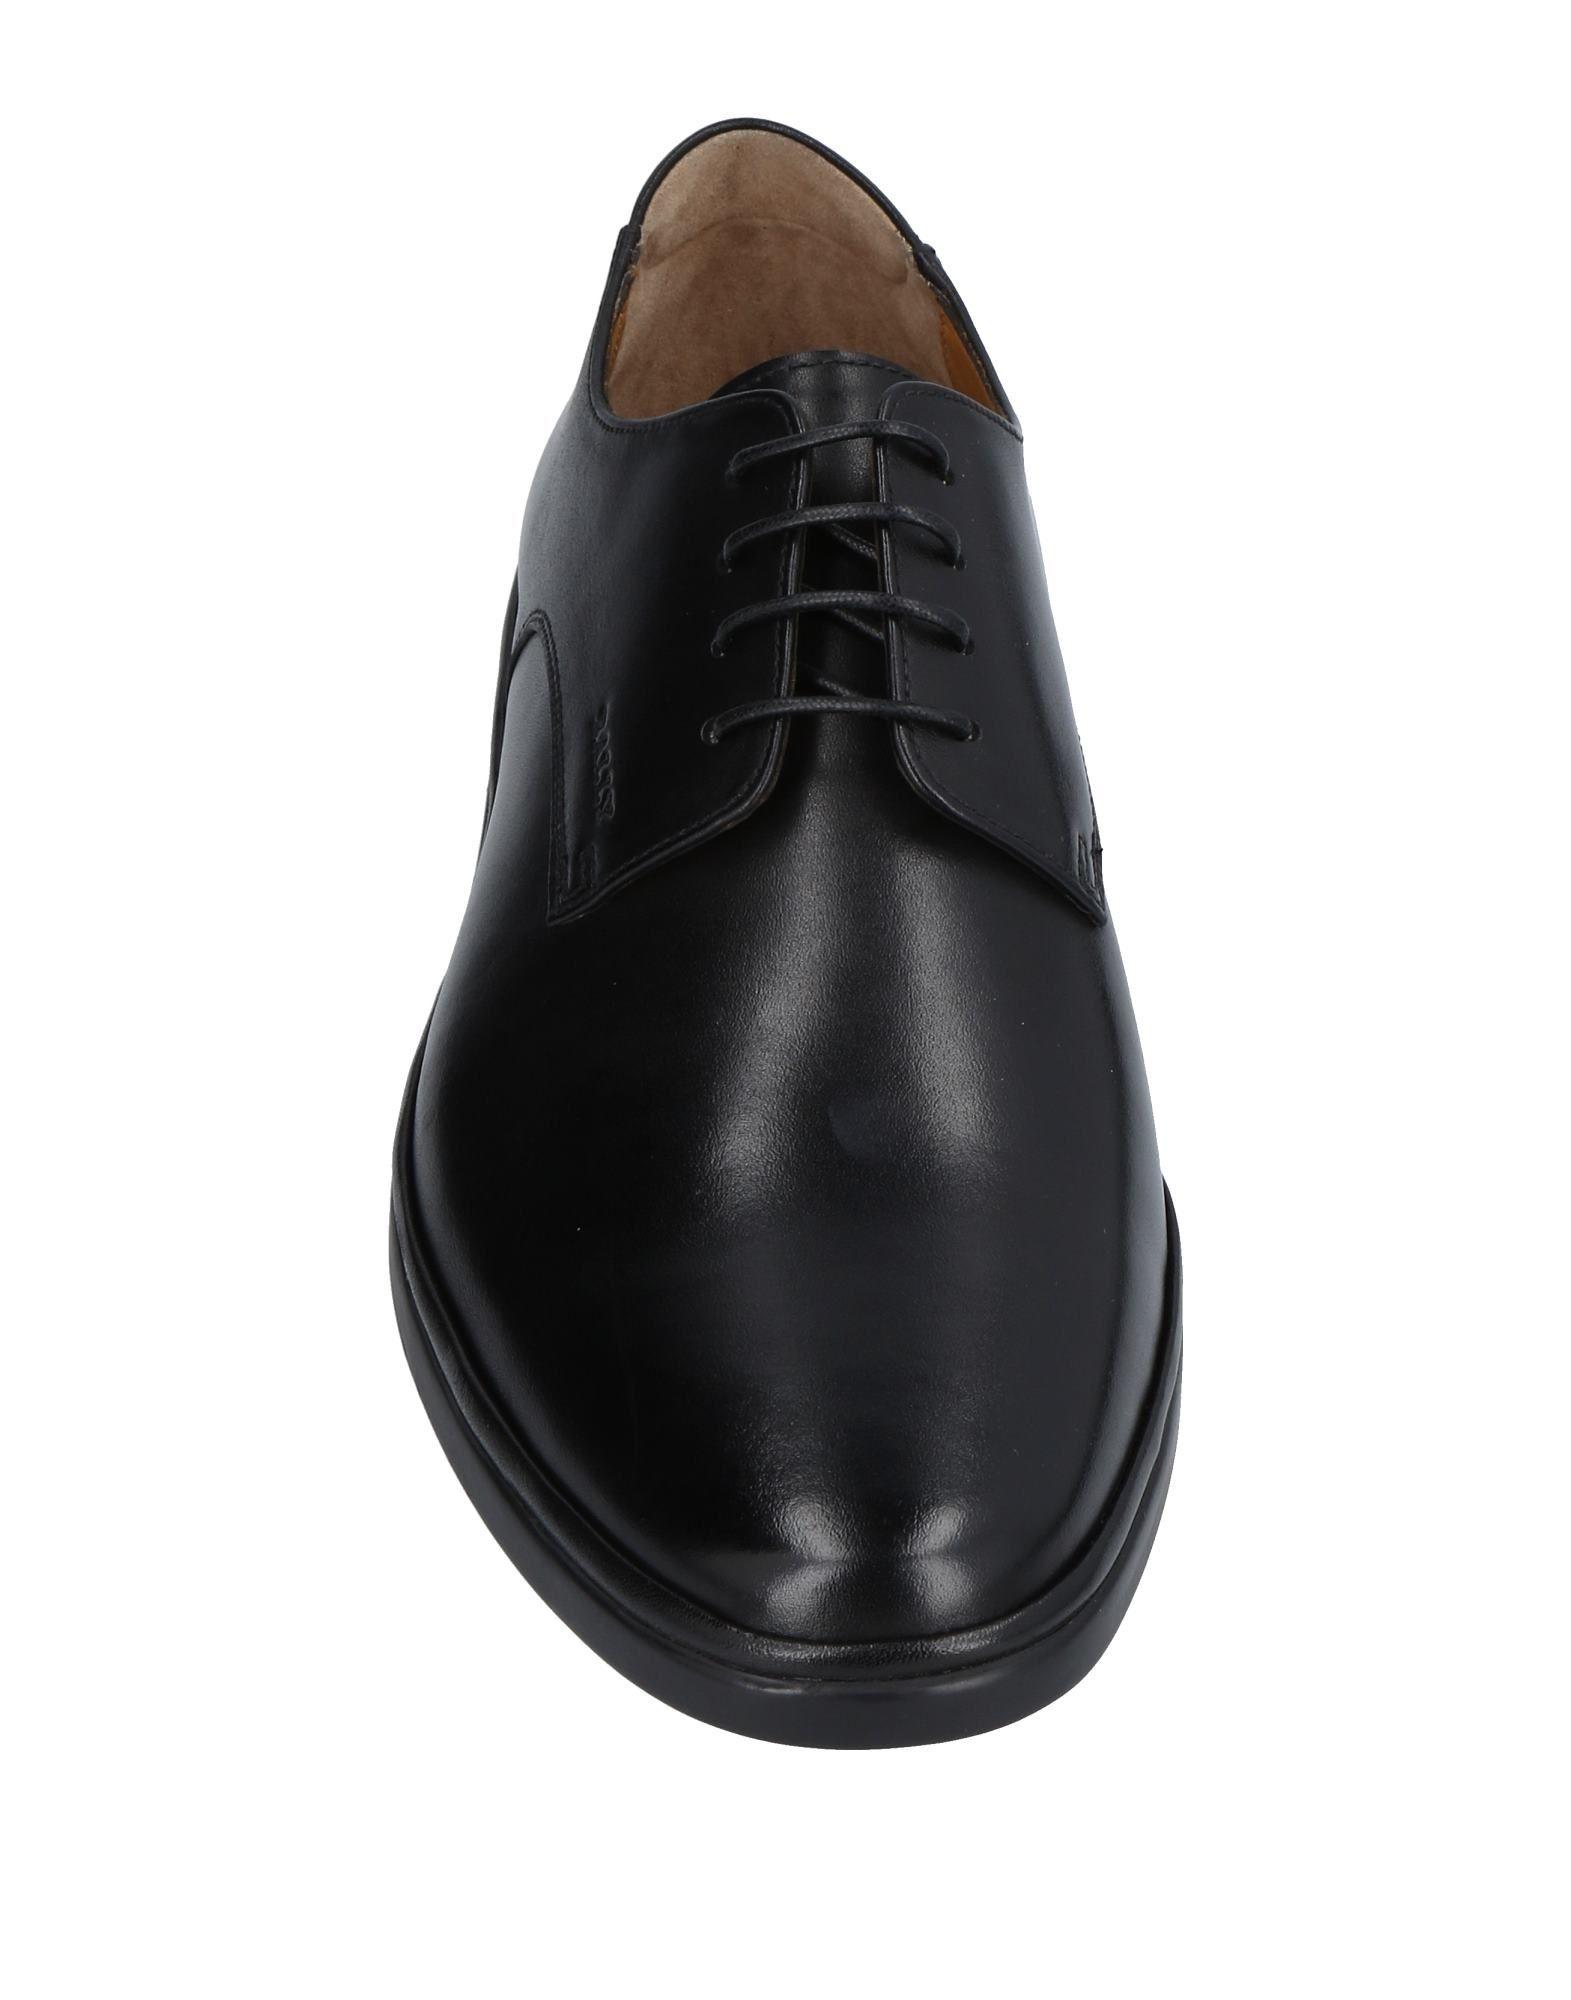 Bally Schnürschuhe Herren  11461265AI Schuhe Gute Qualität beliebte Schuhe 11461265AI 46313a